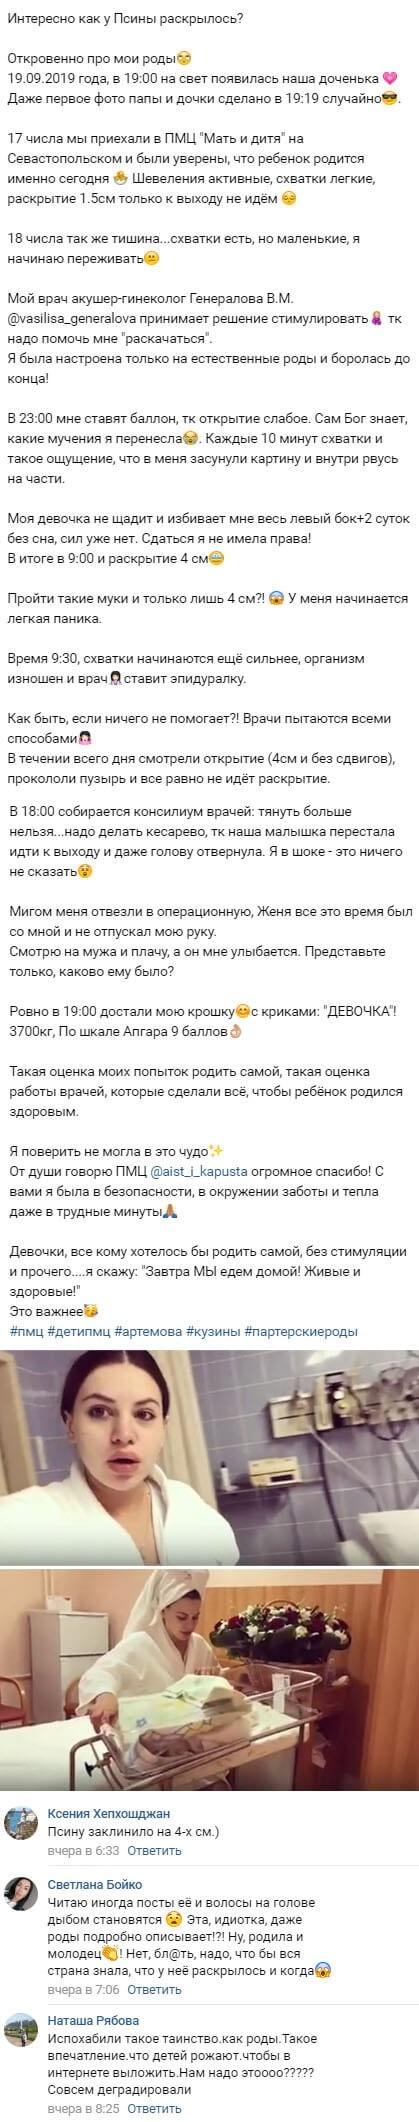 Александра Артемова раскрыла шокирующие детали родов